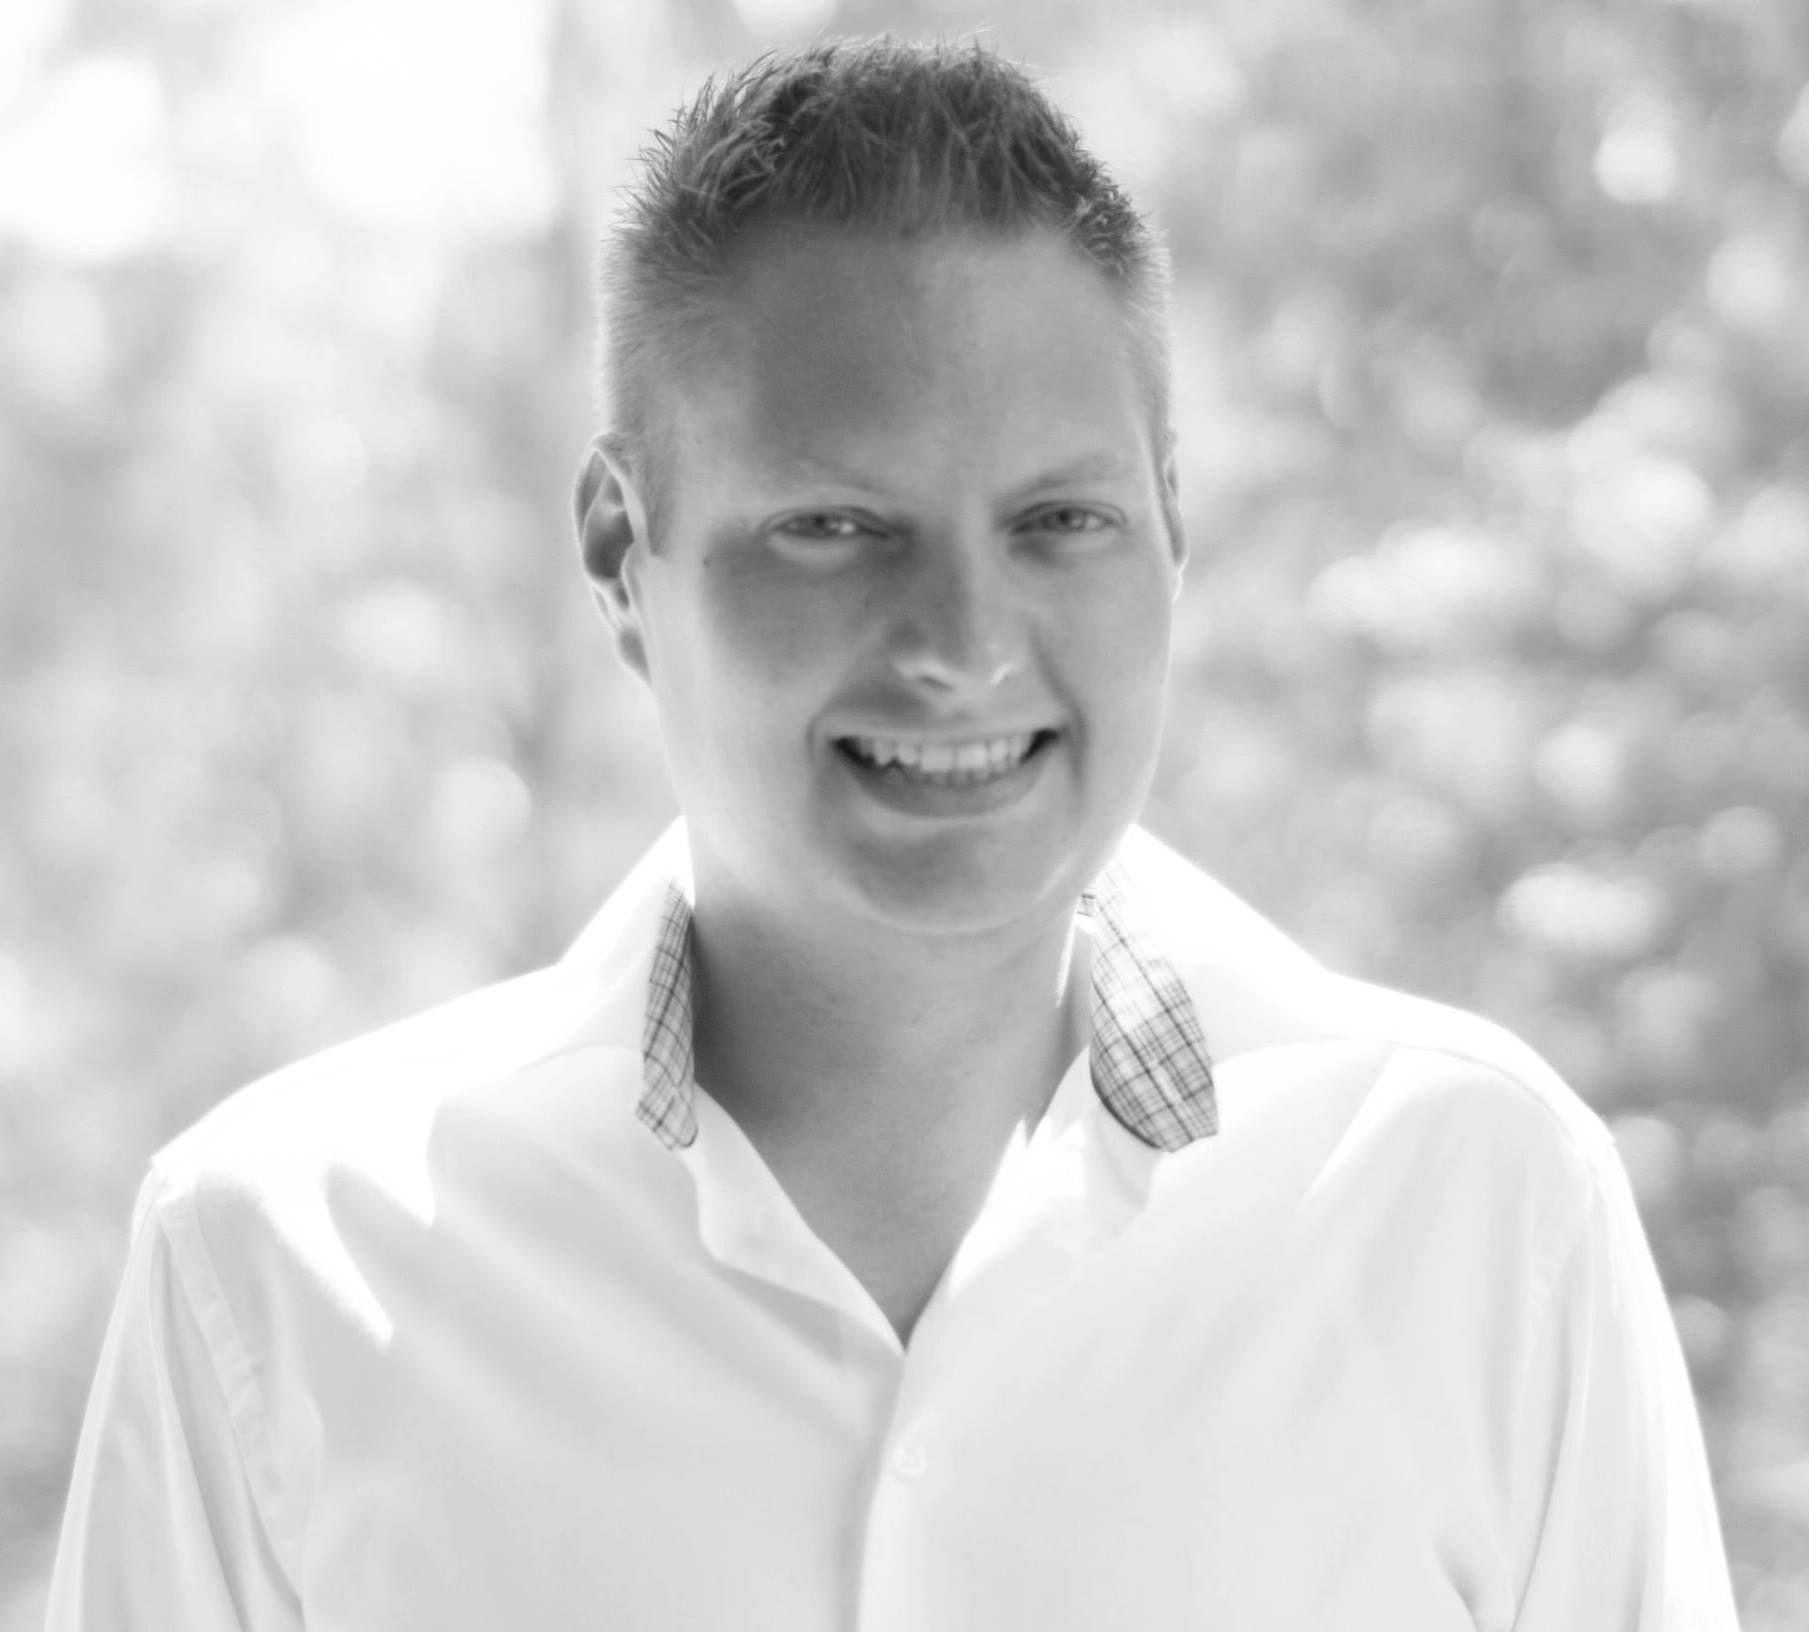 Brian Kondrup Hansen